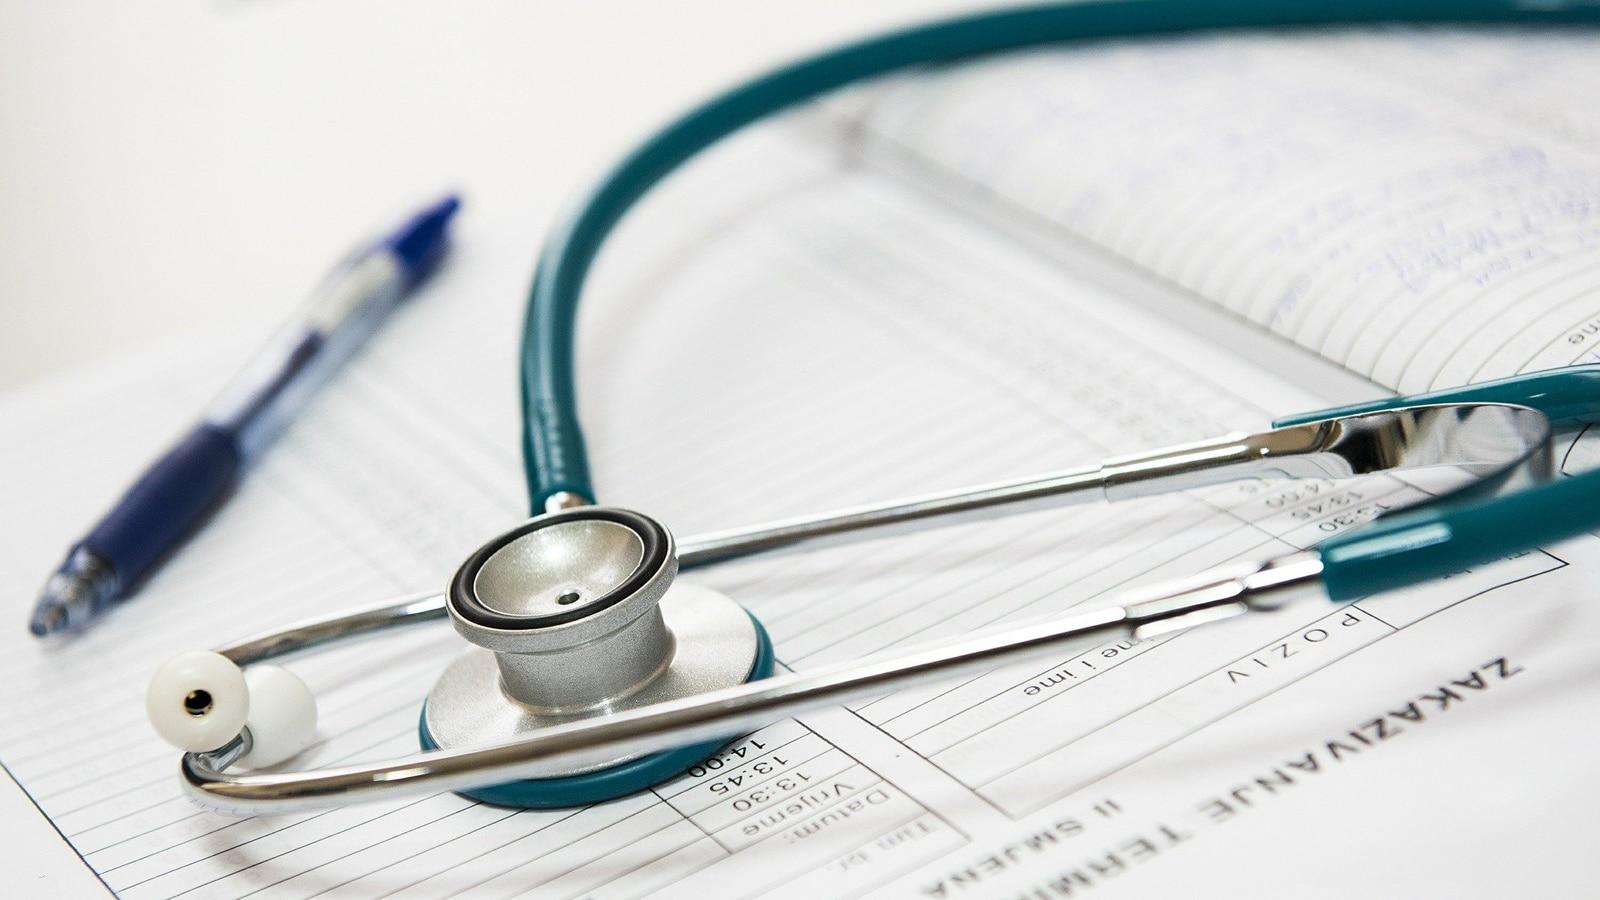 Pratique-commerces-services-health-sale-stethoscope